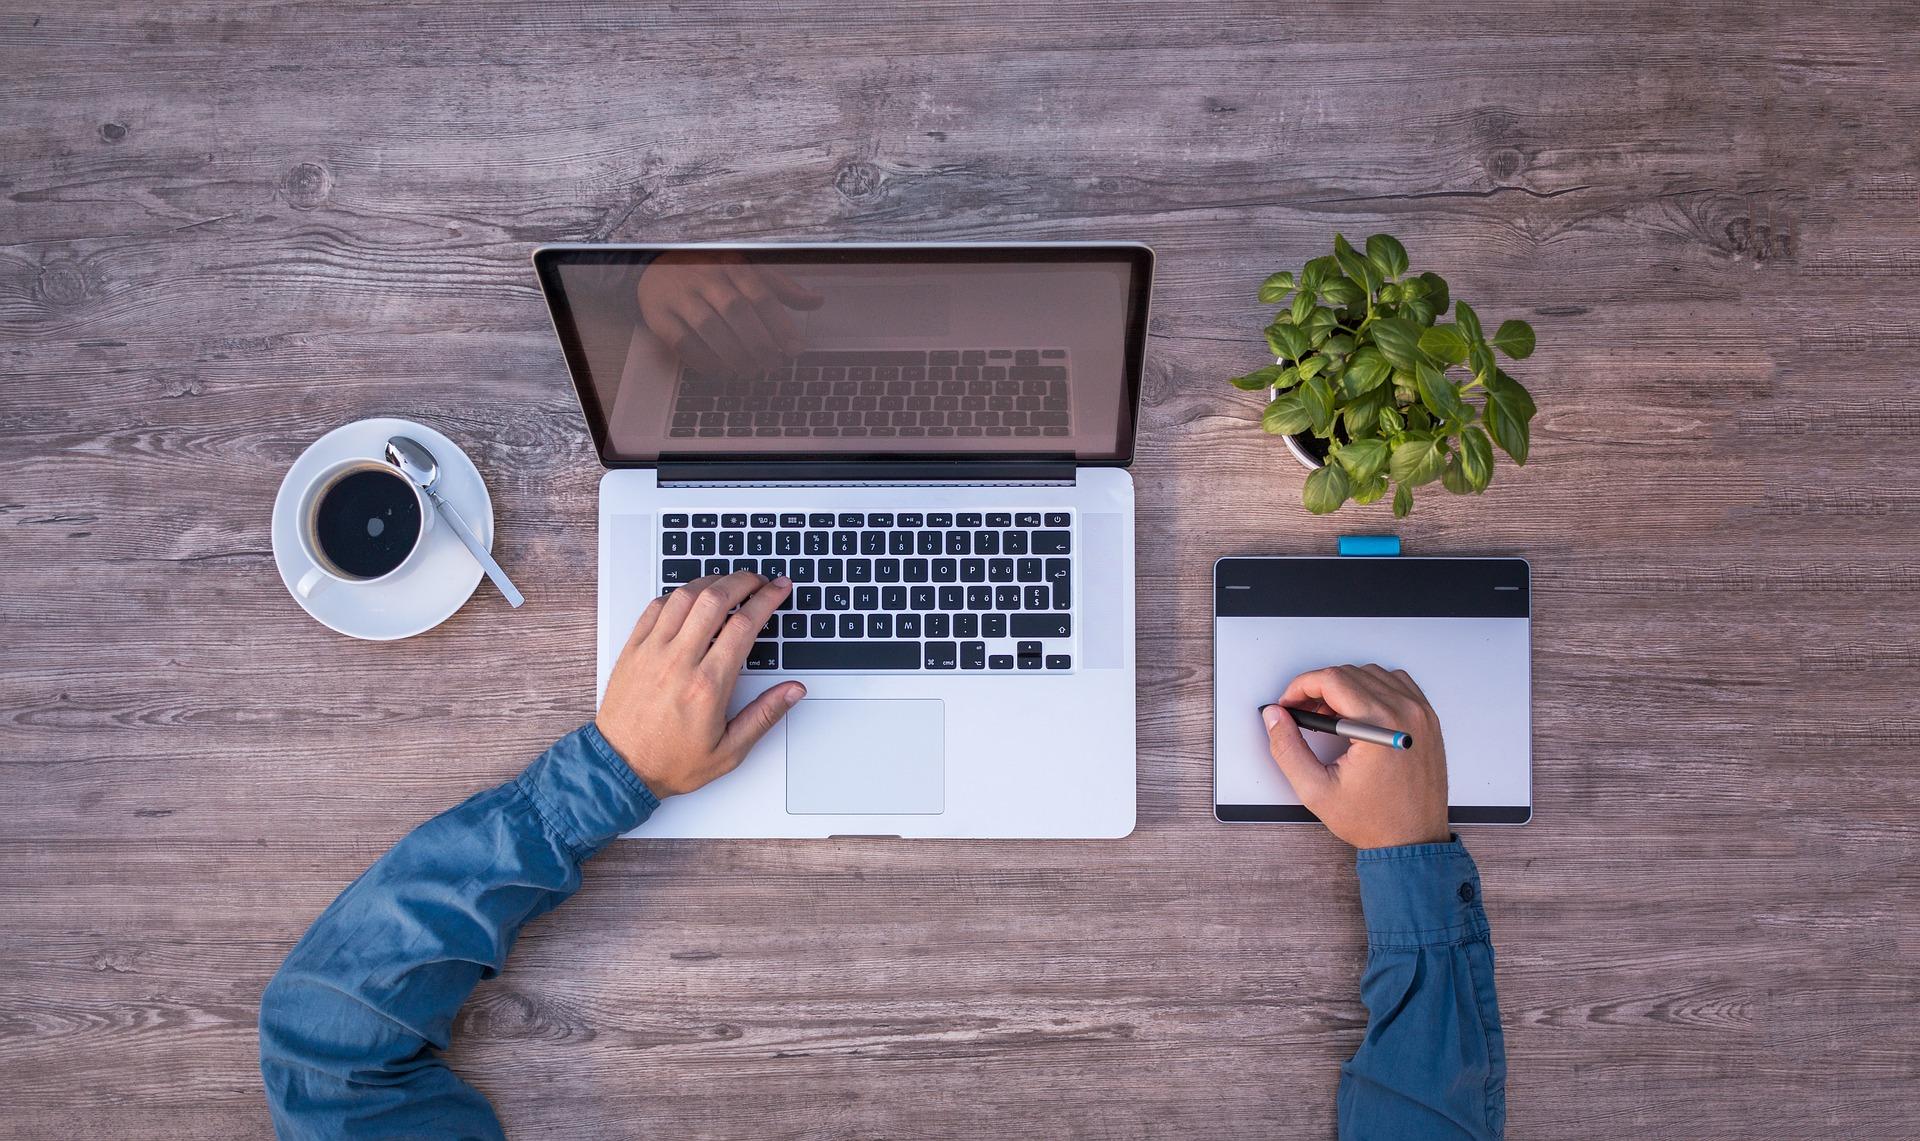 Imagem mostra uma pessoa usando uma mesa digitalizadora ao lado de um notebook.